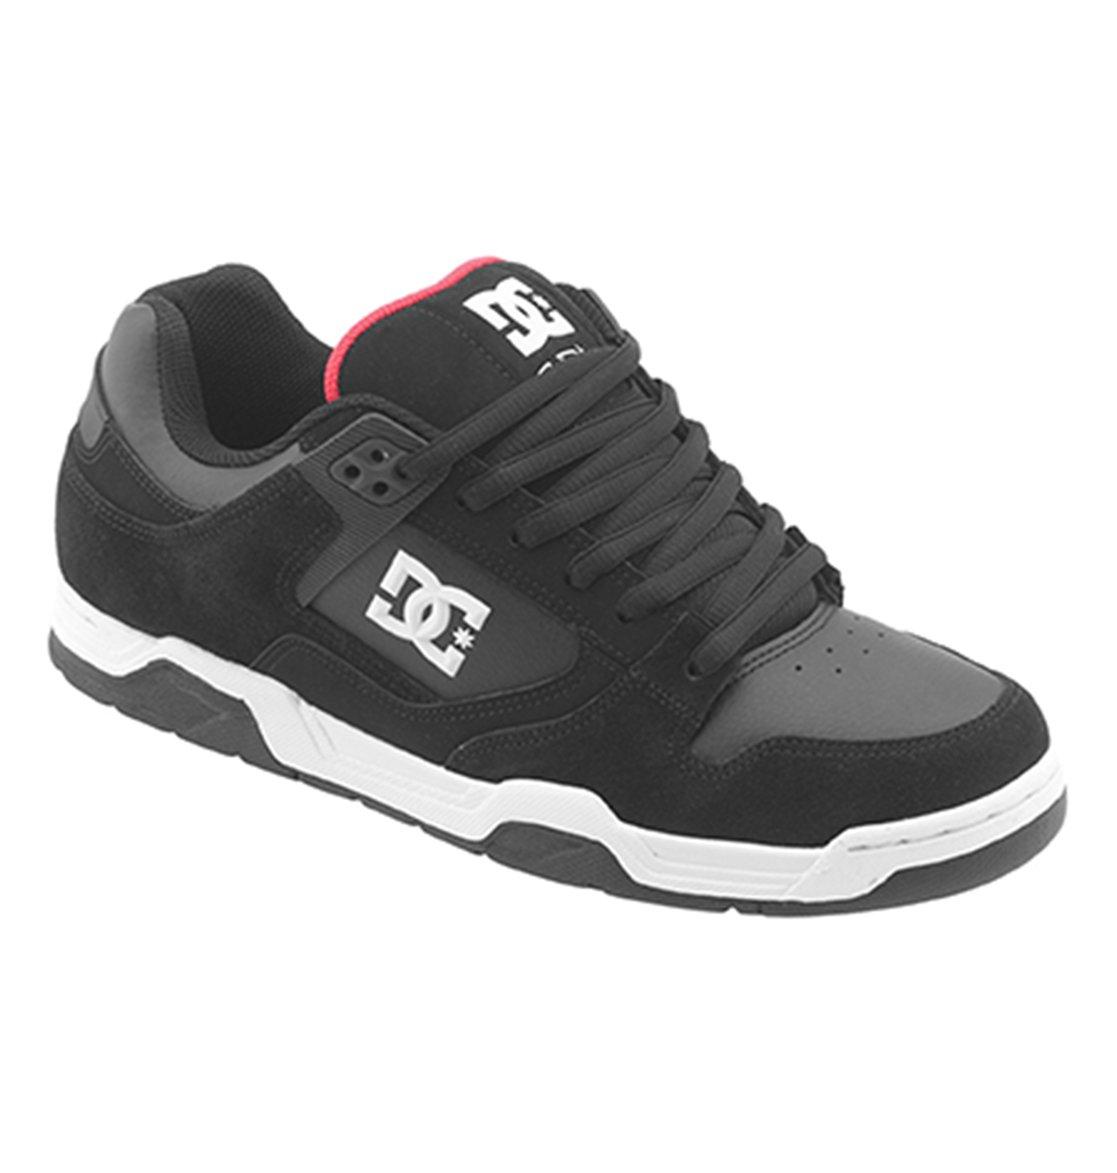 Skate shoes edmonton - 1 Men S Rob Dyrdek Flawless Shoes 302882 Dc Shoes